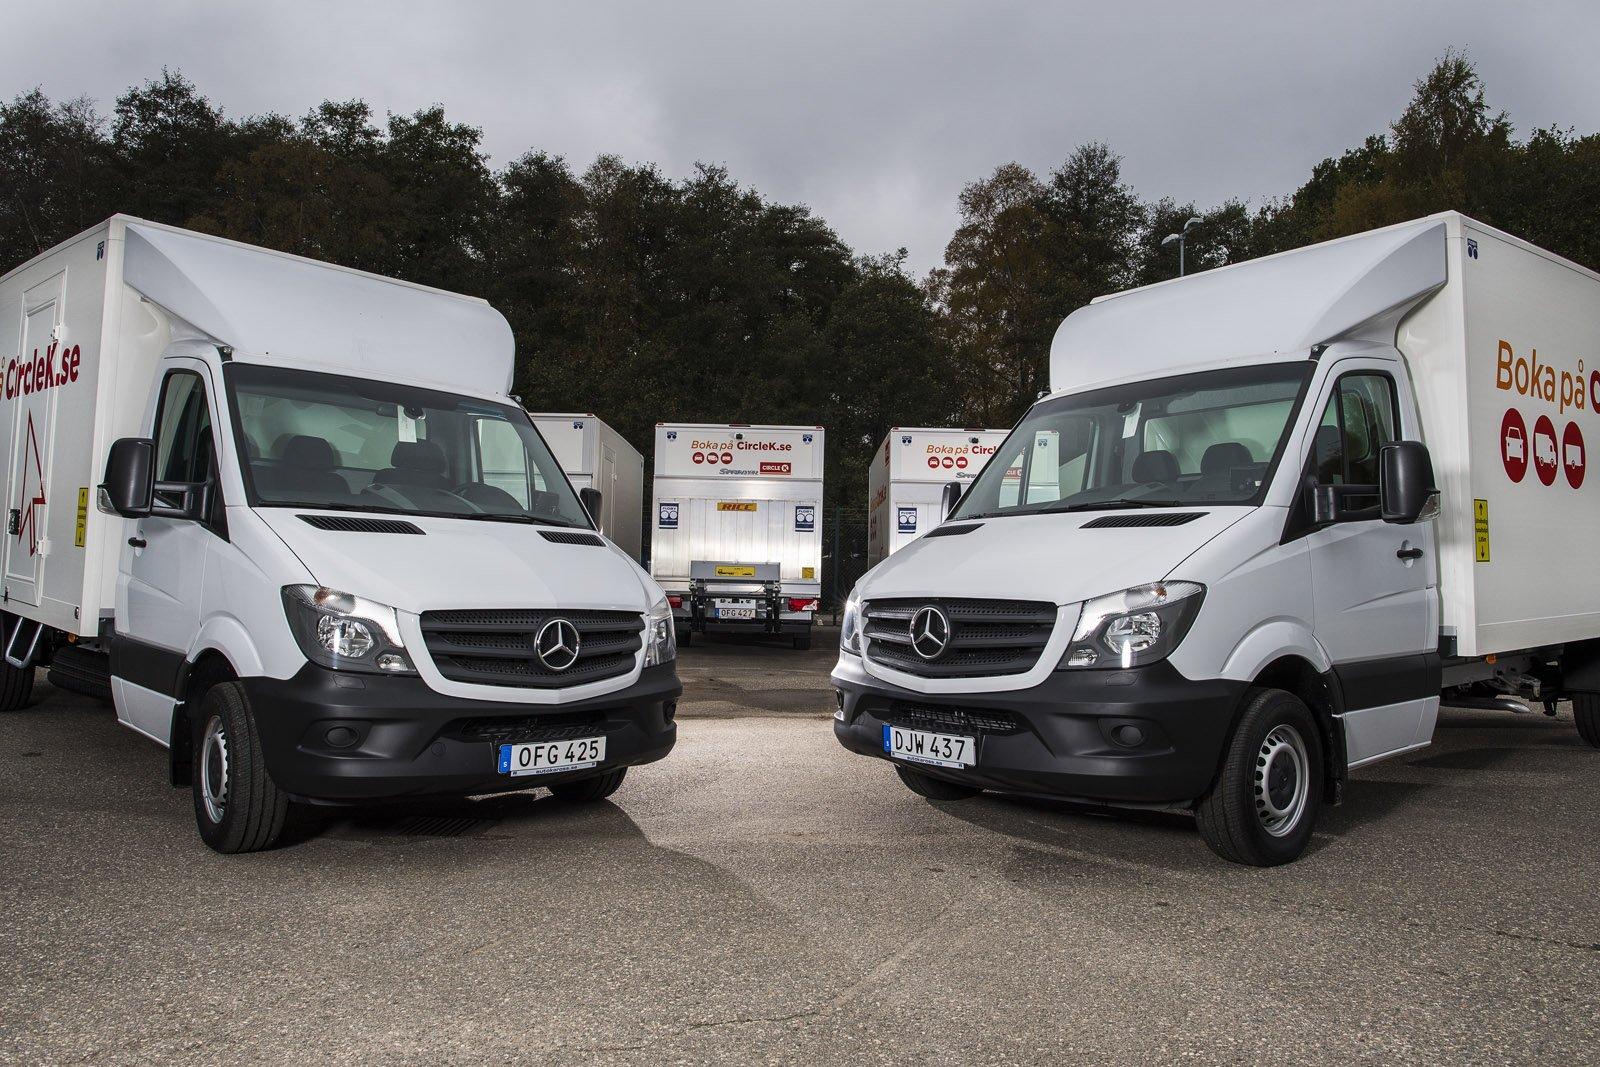 Autokaross är första påbyggnadsföretag i Sverige som är Van Partner med Mercedes-Benz, något som innebär att de är godkända när det gäller produkt, kvalitet och ekonomi samt har ett fungerande kvalitets- och miljöledningssystem.